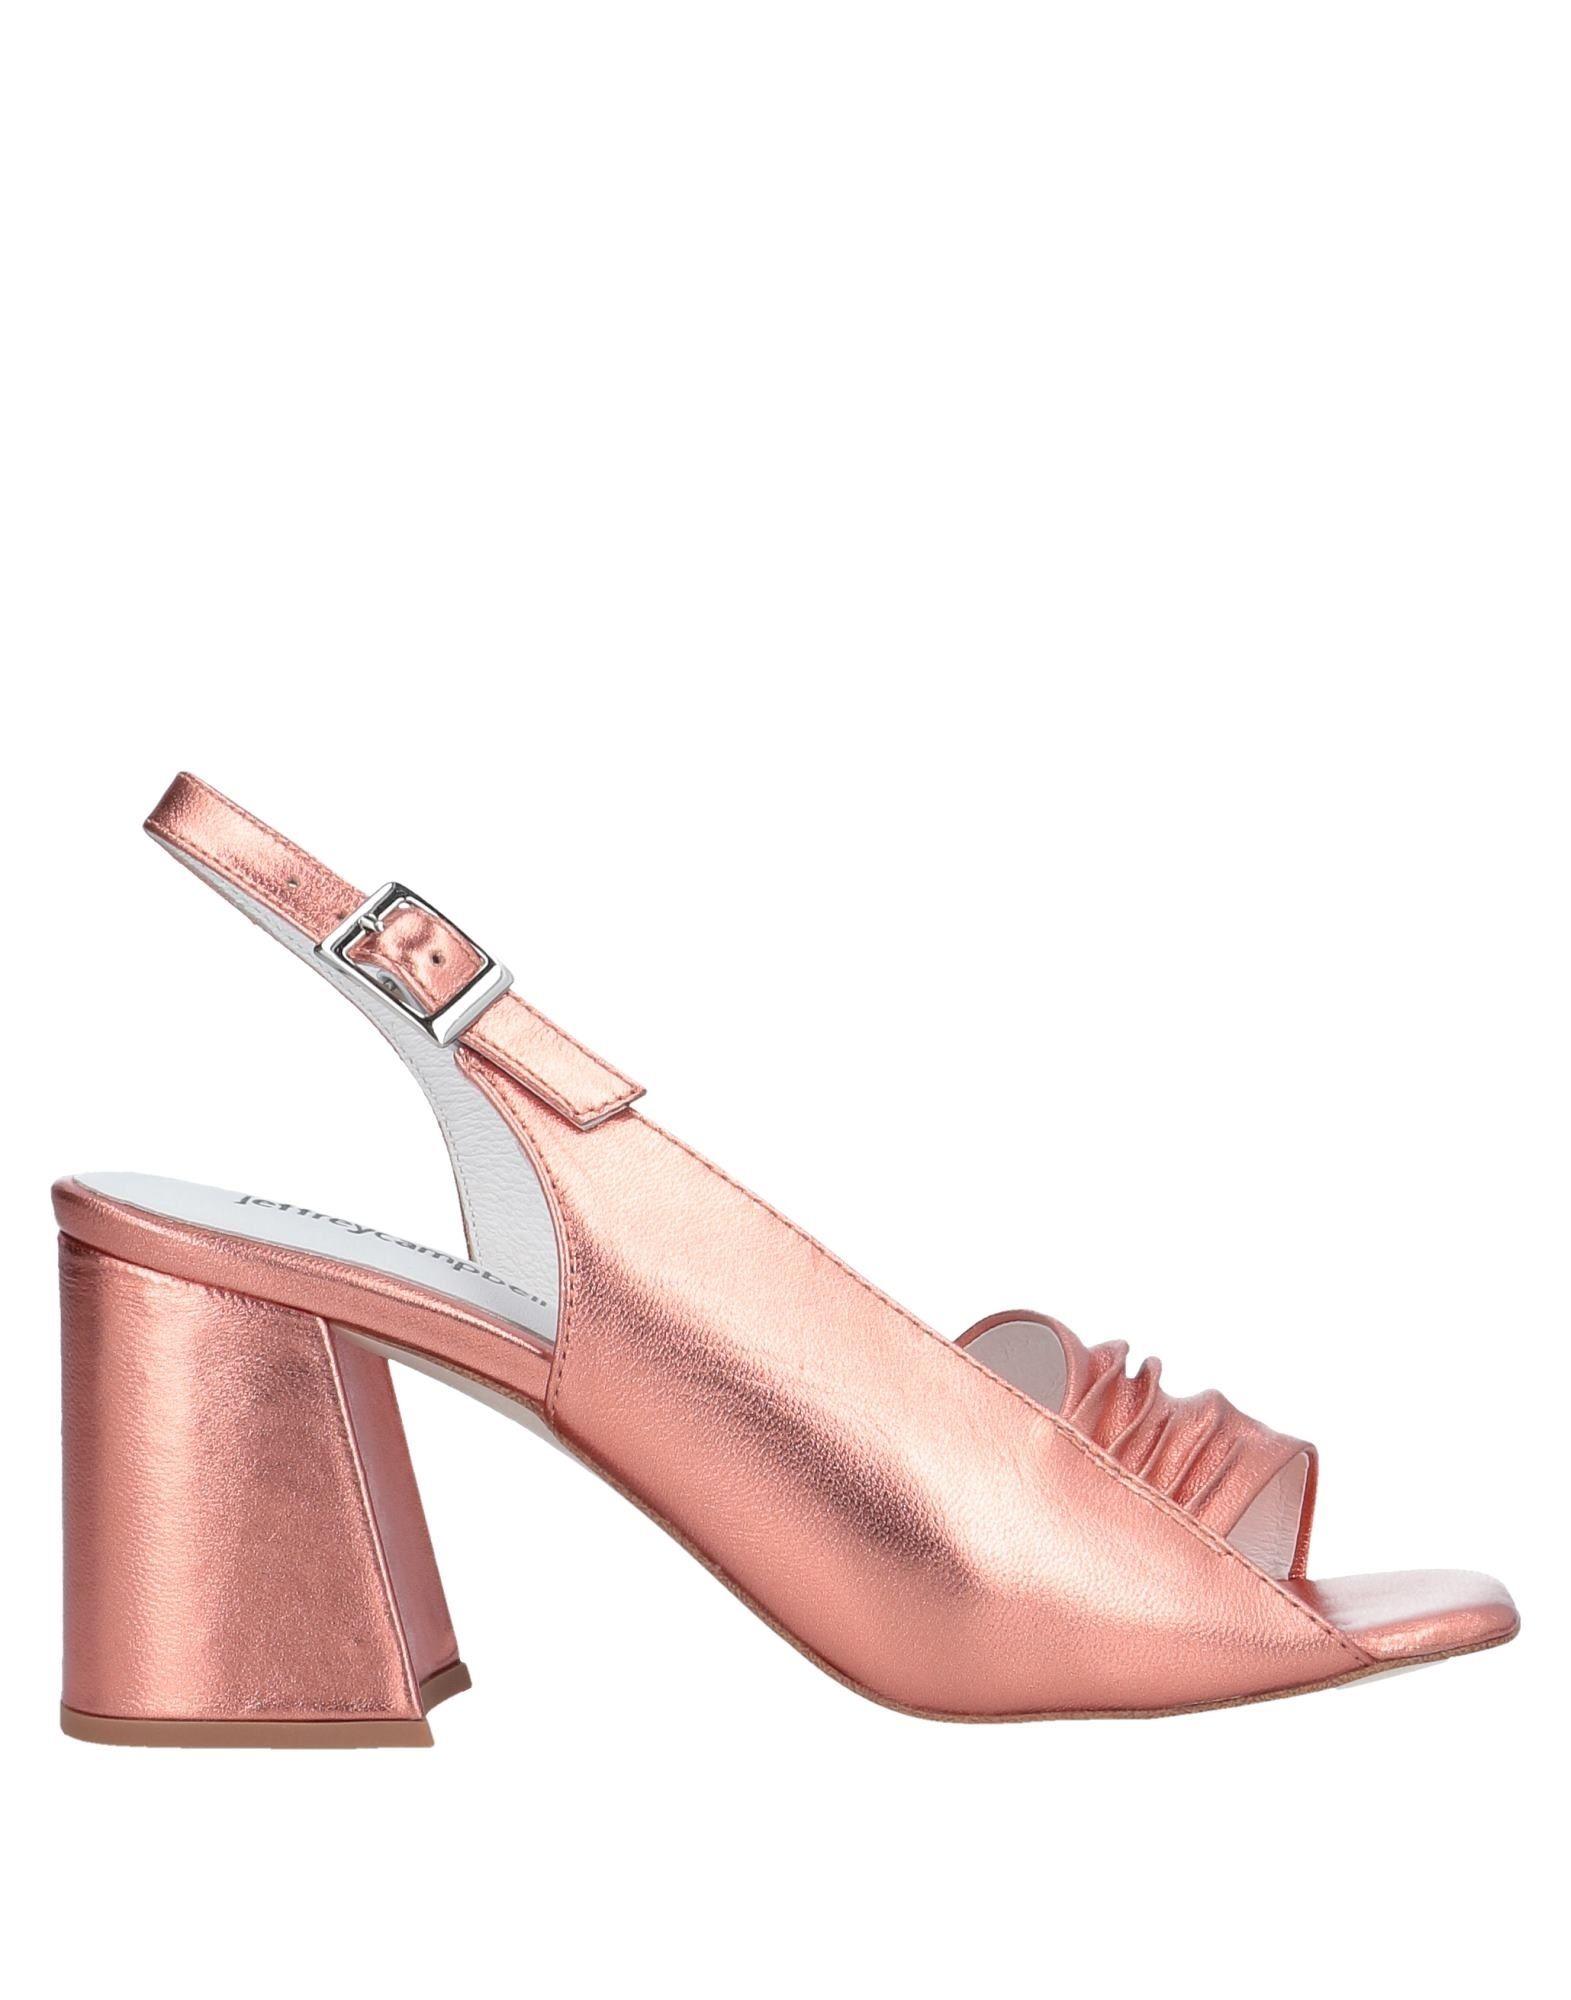 Gut um billige Sandalen Schuhe zu tragenJeffrey Campbell Sandalen billige Damen  11560607FC a66391